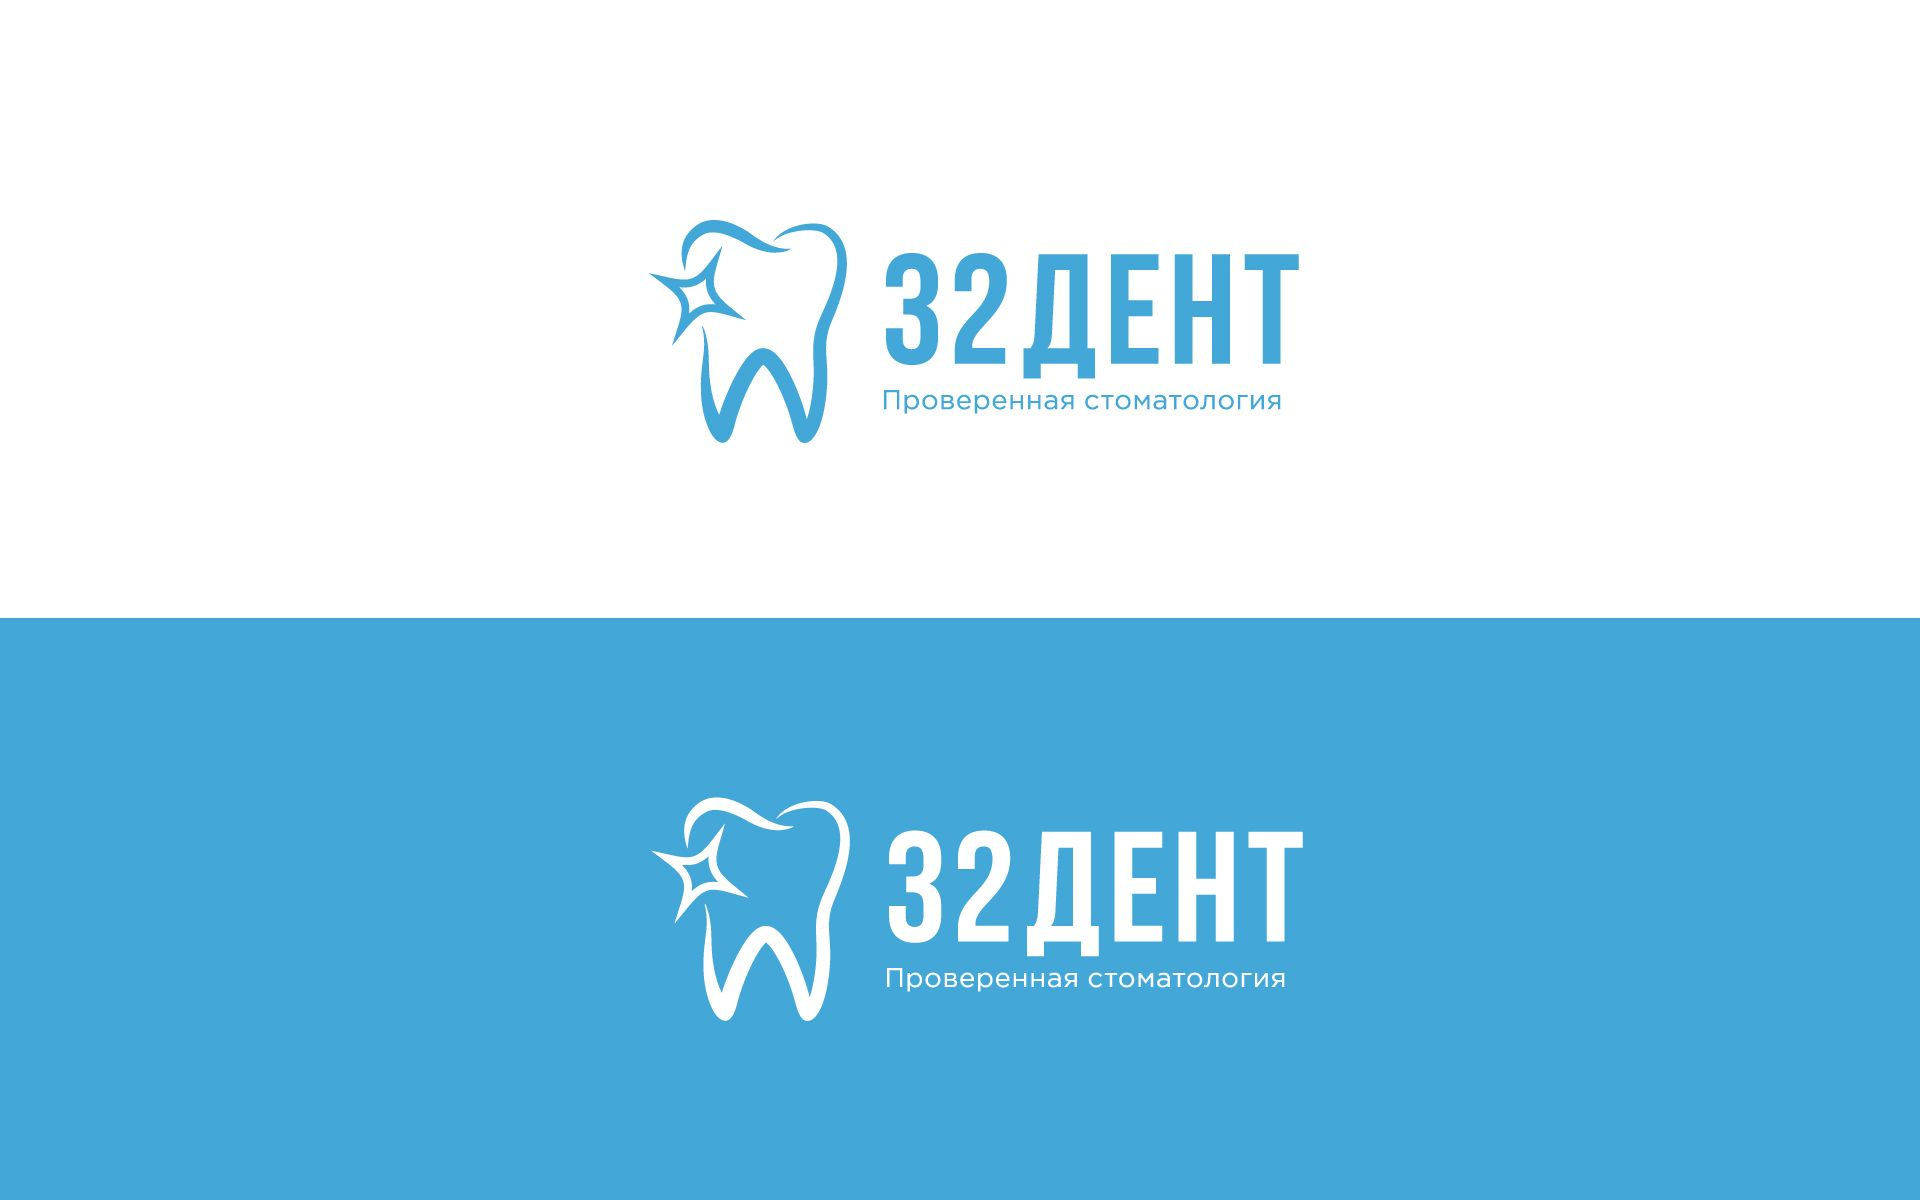 Логотип для сети стоматологических клиник - дизайнер U4po4mak